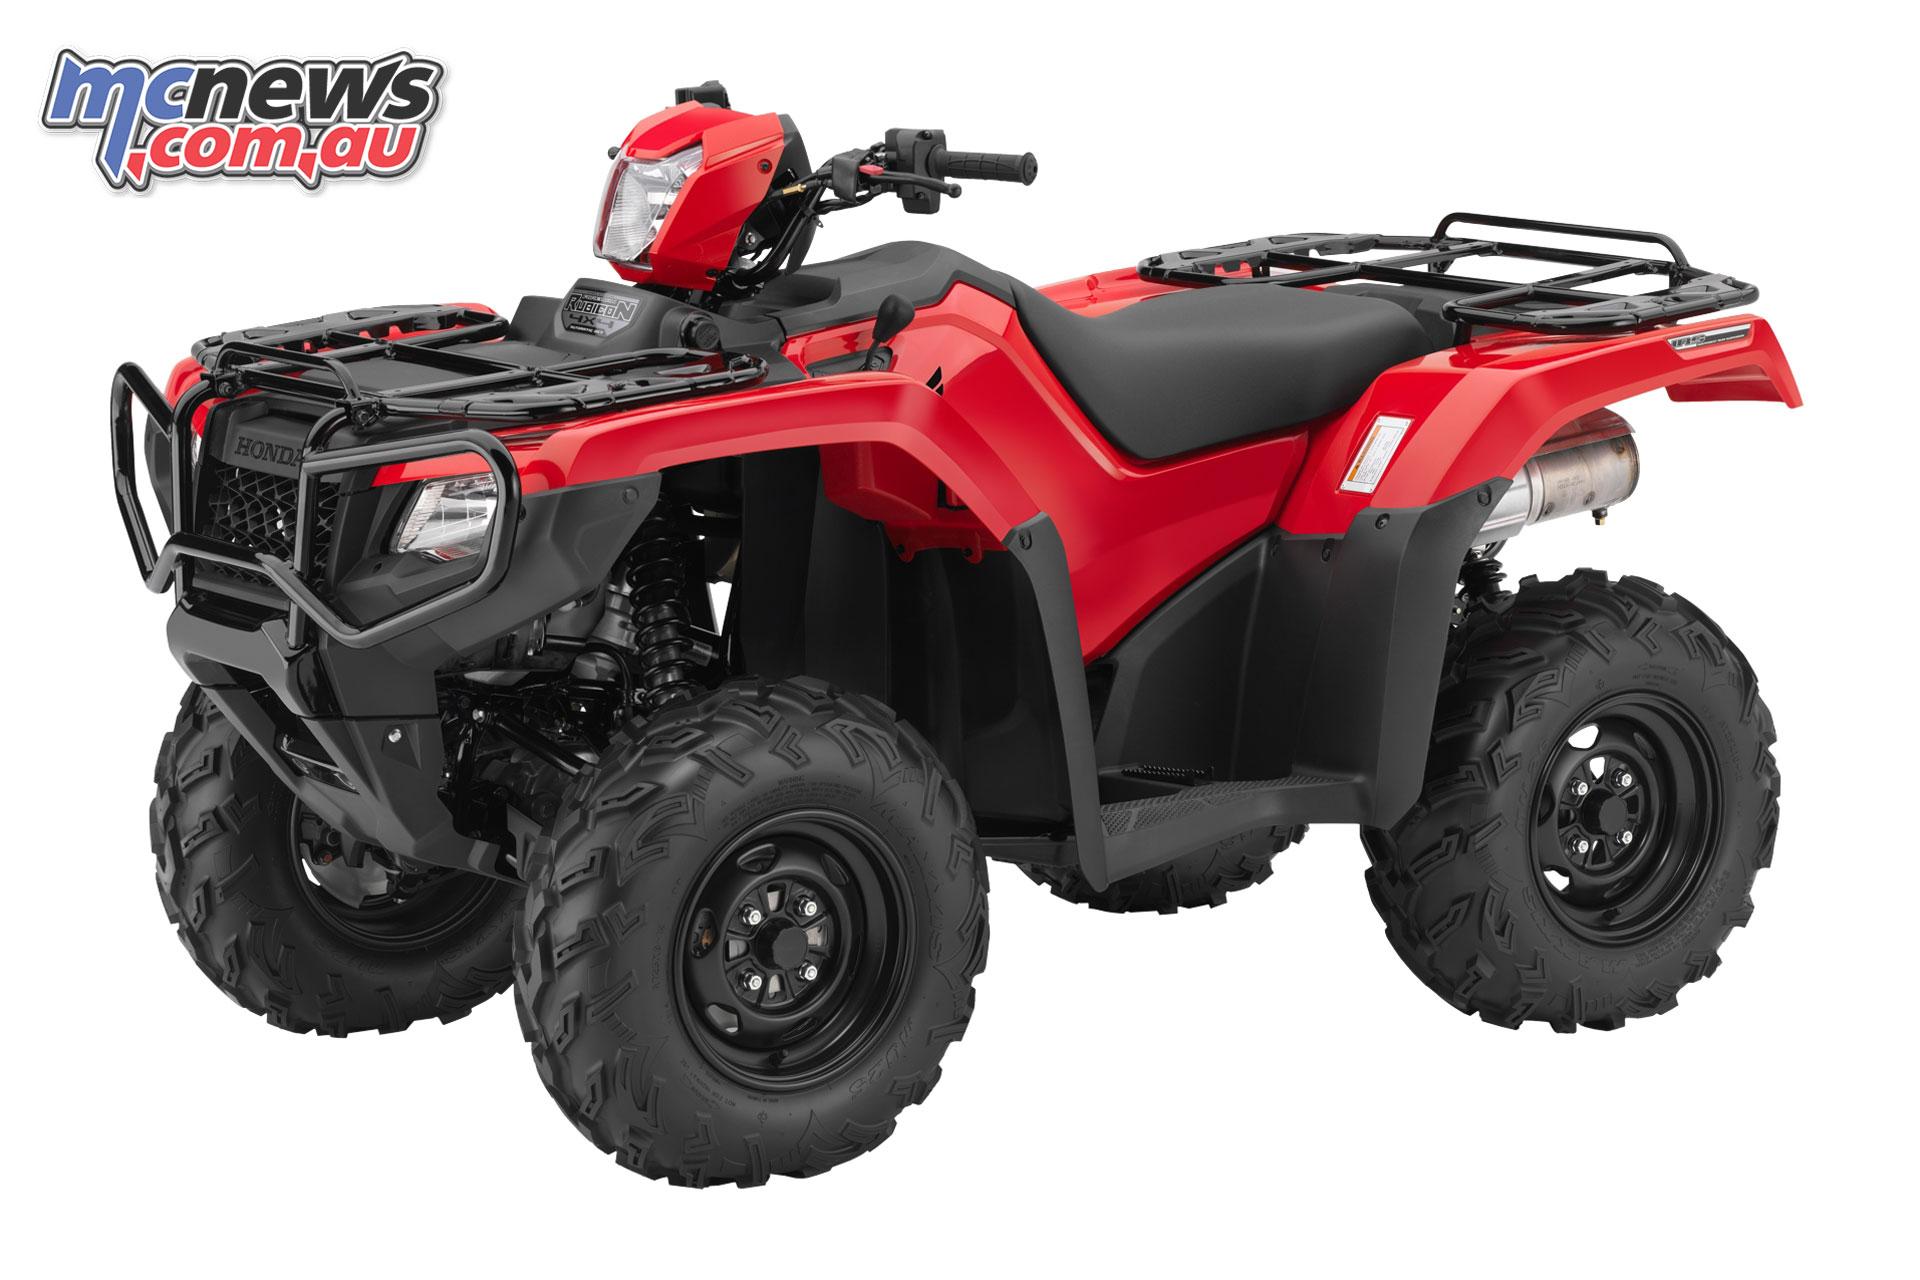 Honda's TRX500FA6